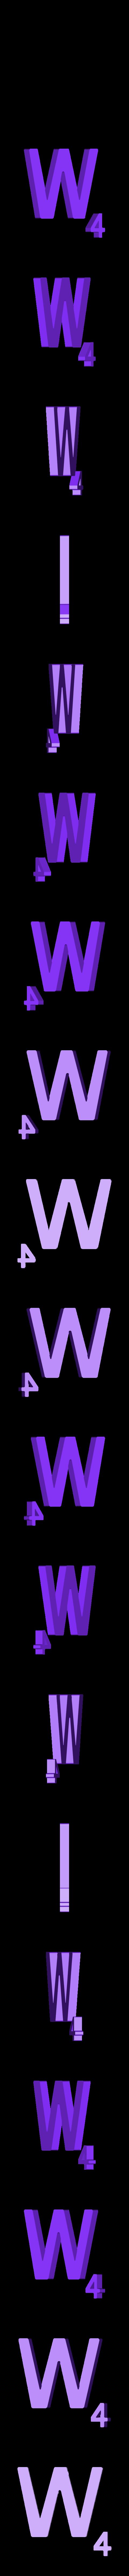 Dual_Letter_W.STL Télécharger fichier STL gratuit Pièces et support SCRABBBLE • Design pour imprimante 3D, Balkhagal4D